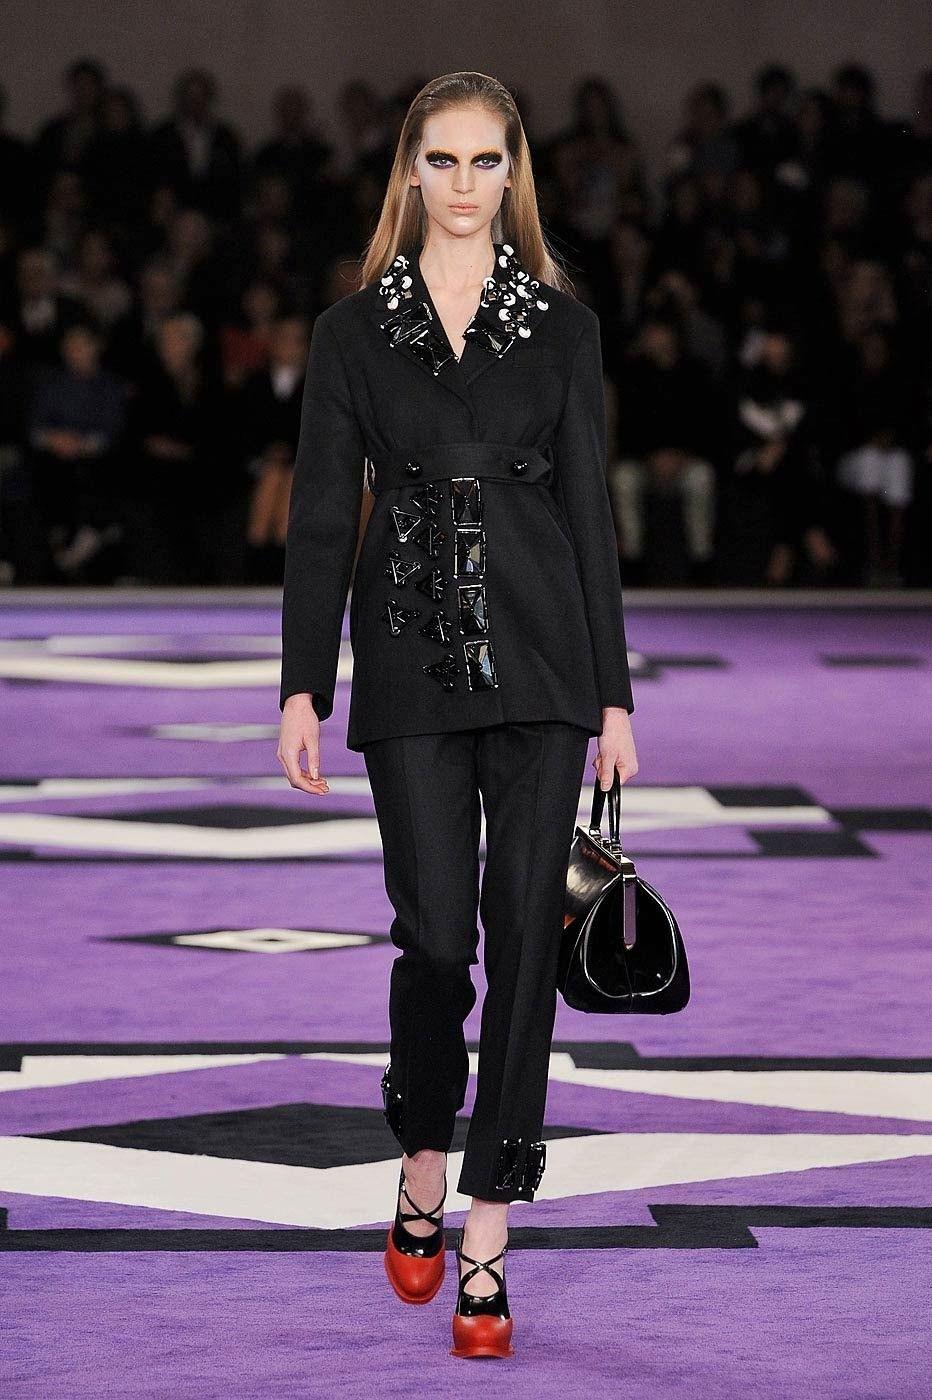 Prada Fall 2012 Ready-to-Wear